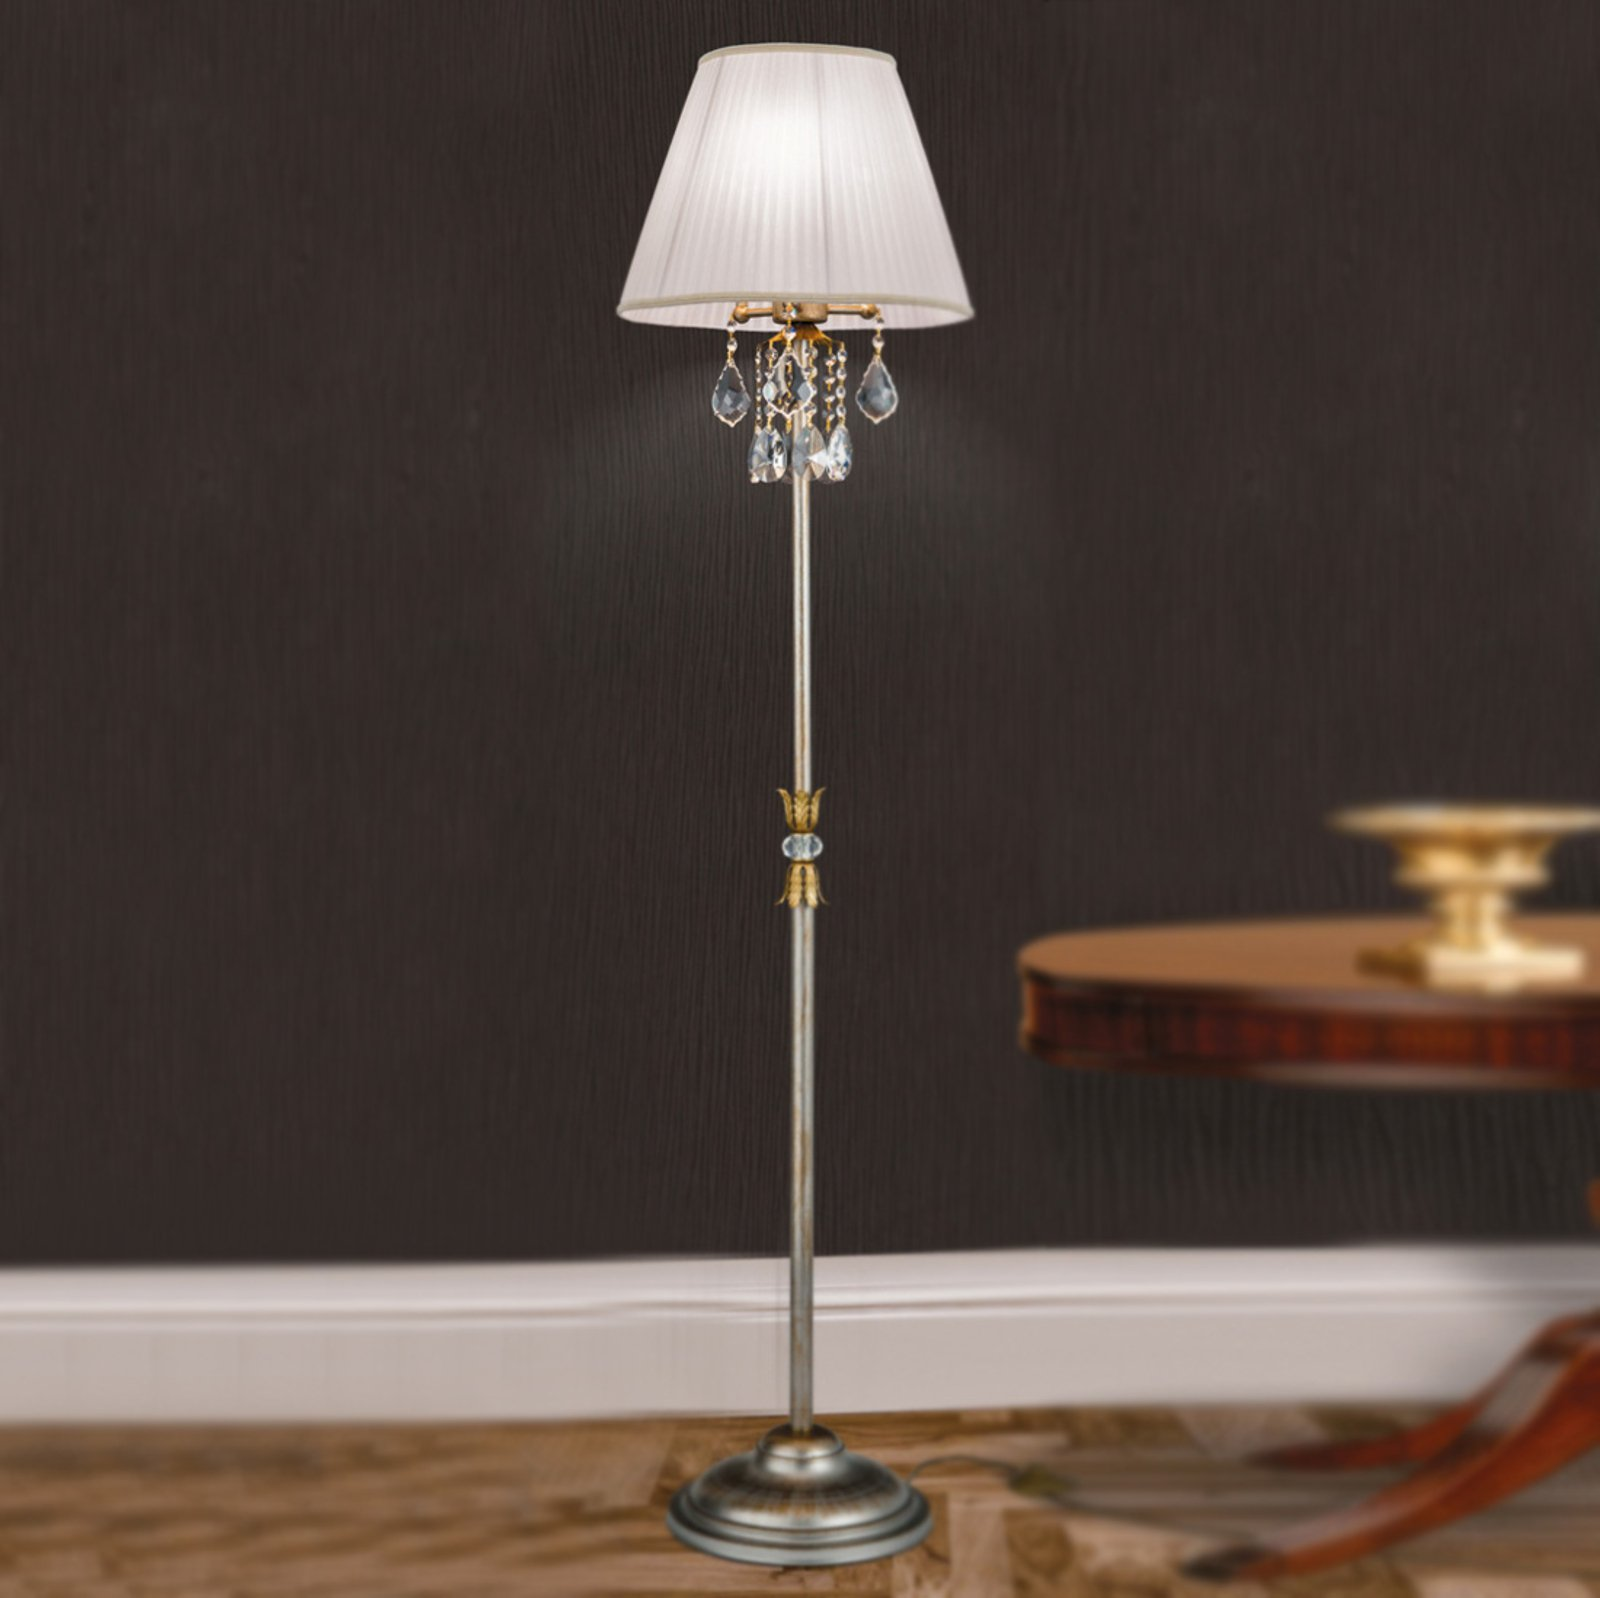 Eksklusiv stoffstålampe Miramare med krystall